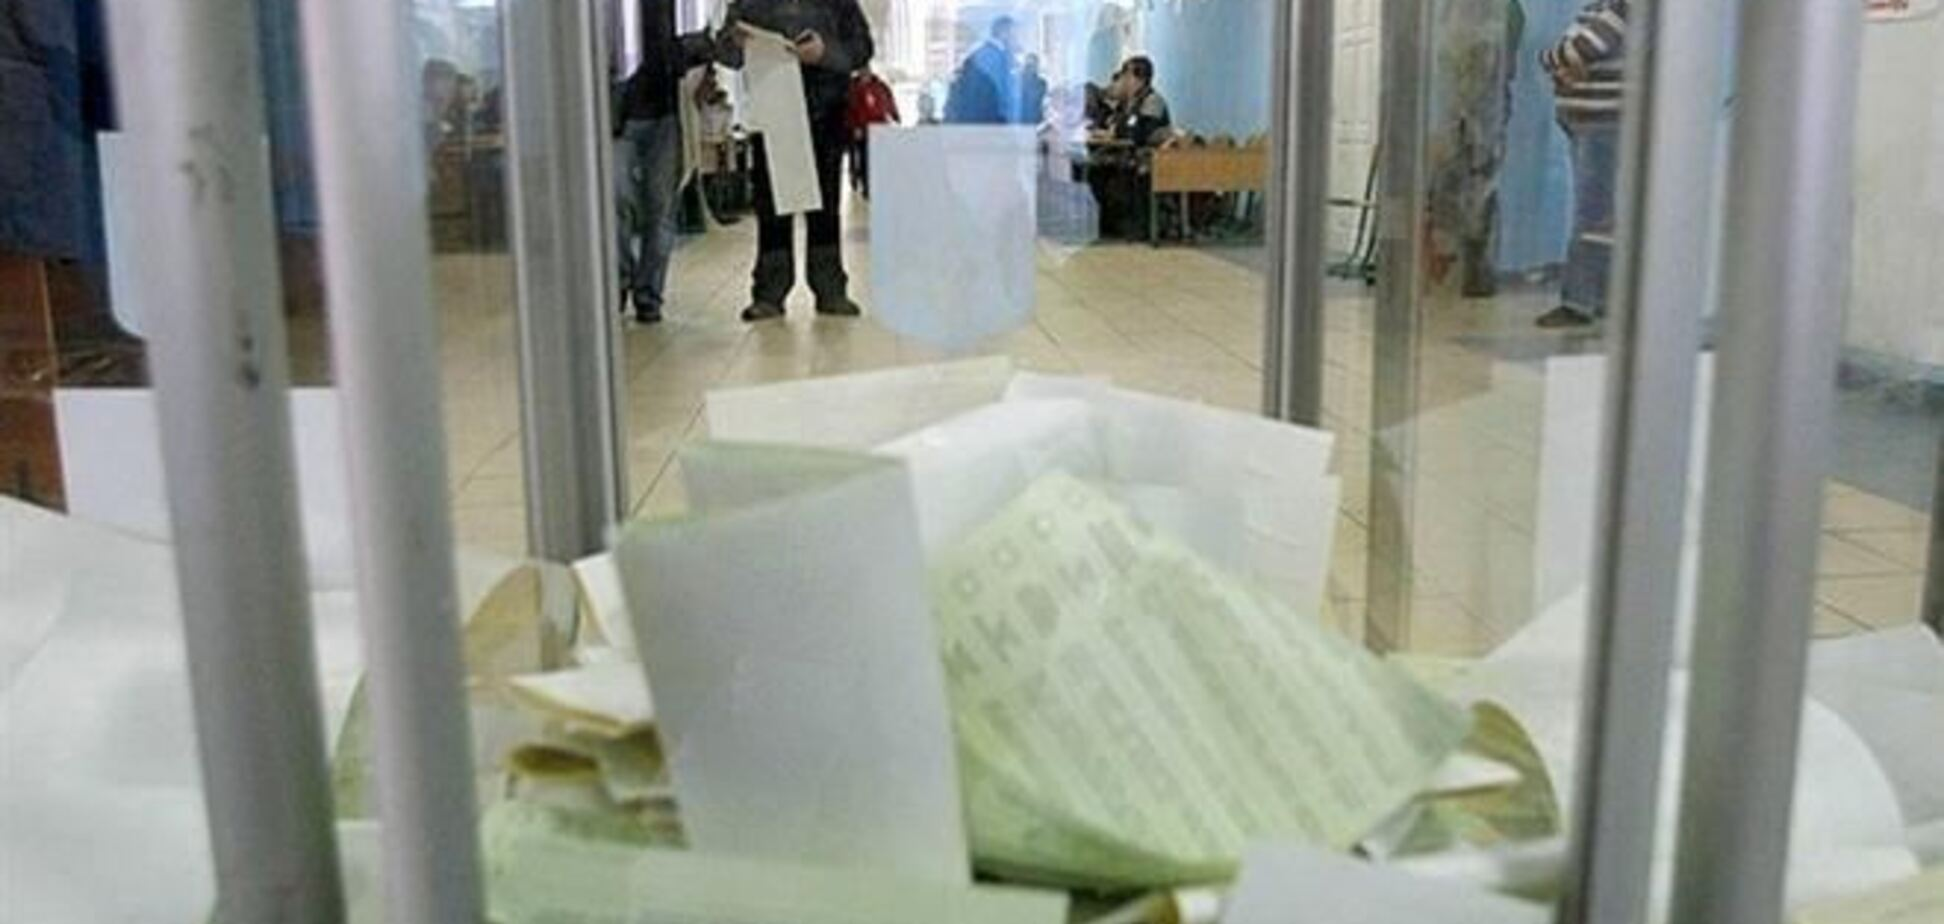 Официальные результаты довыборов в Раду опубликуют 28 декабря  - глава ЦИК